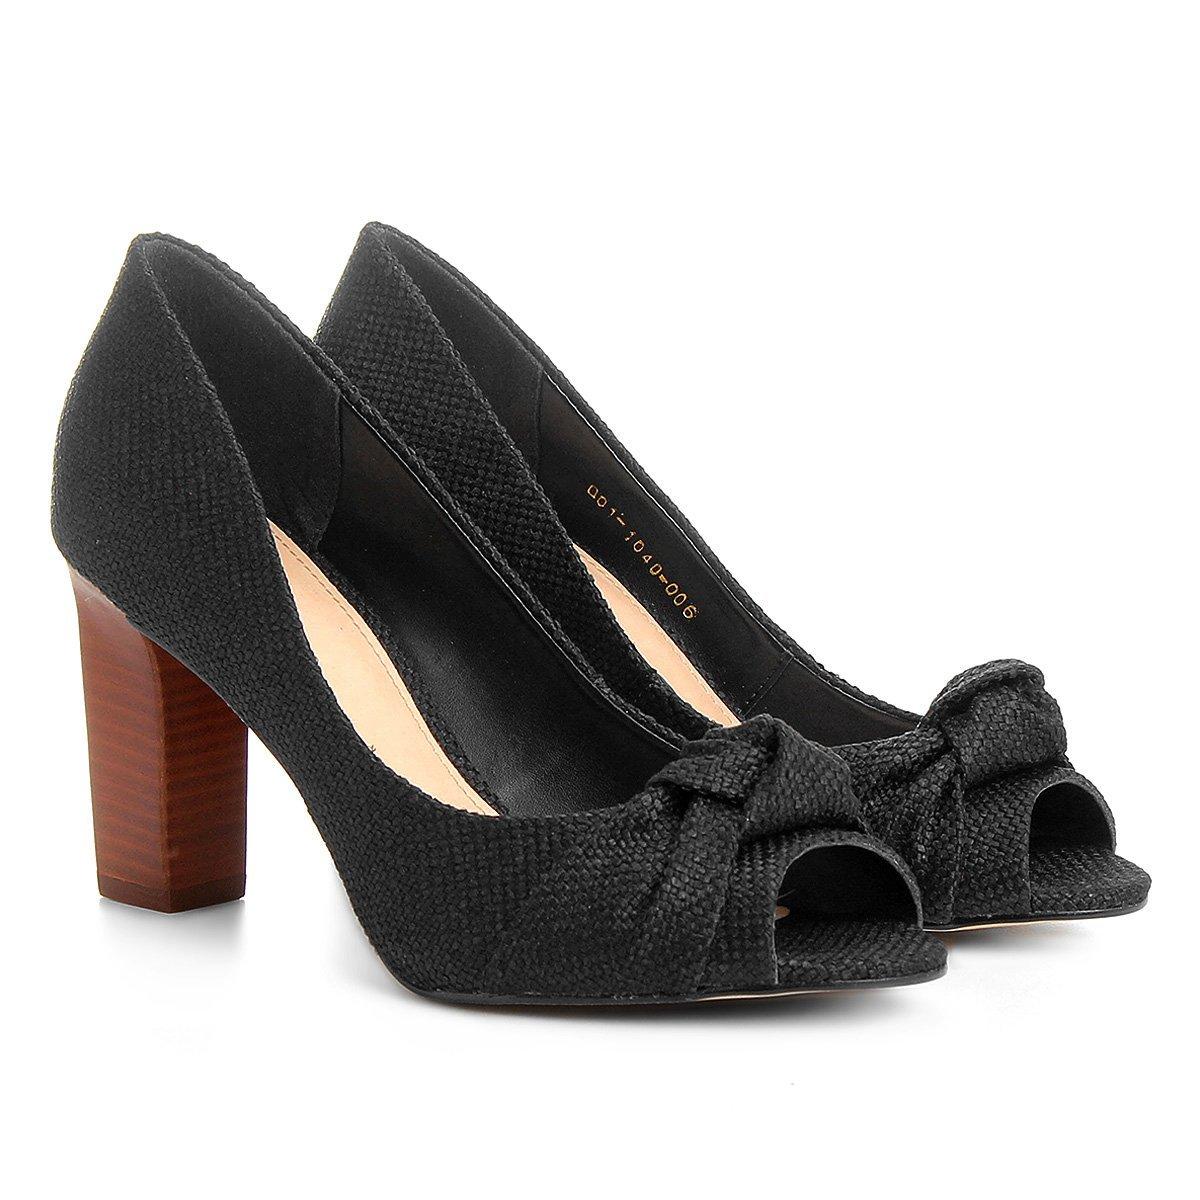 9e69638b6 Peep Toe Shoestock Salto Grosso Nó - Compre Agora